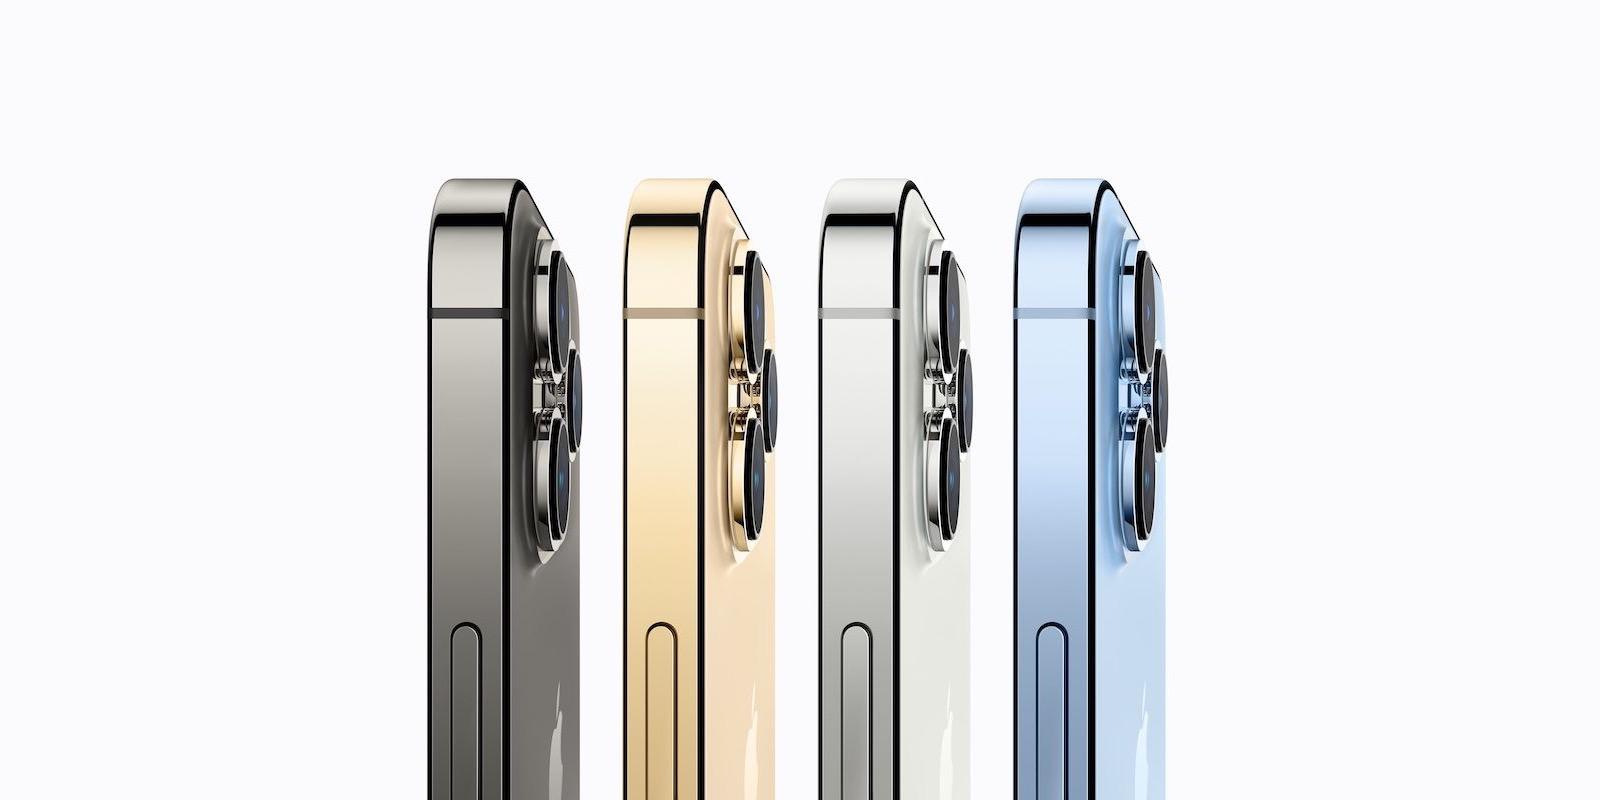 zywotnosc-baterii-iphone-13